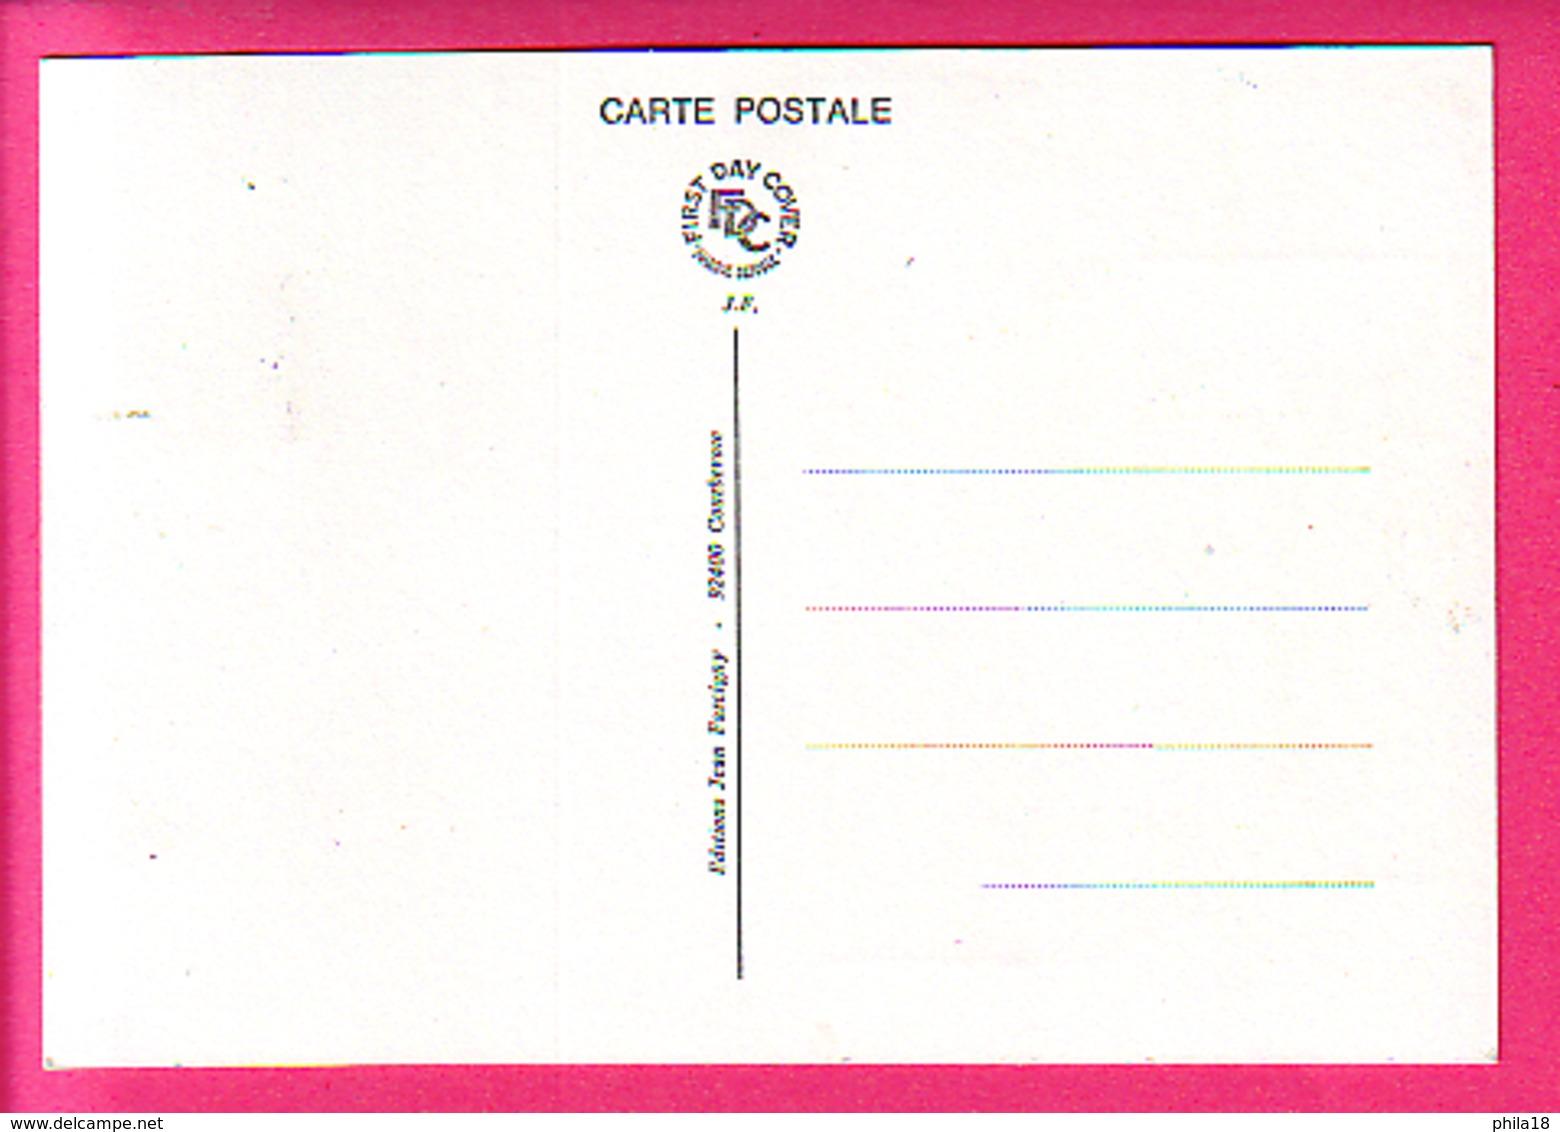 CYCLISME - CYCLING - VELO : TOUR De FRANCE 1979 *** Saint-Priest Ville étape ** Carte + Oblitération Illustrée 1979 - Cycling